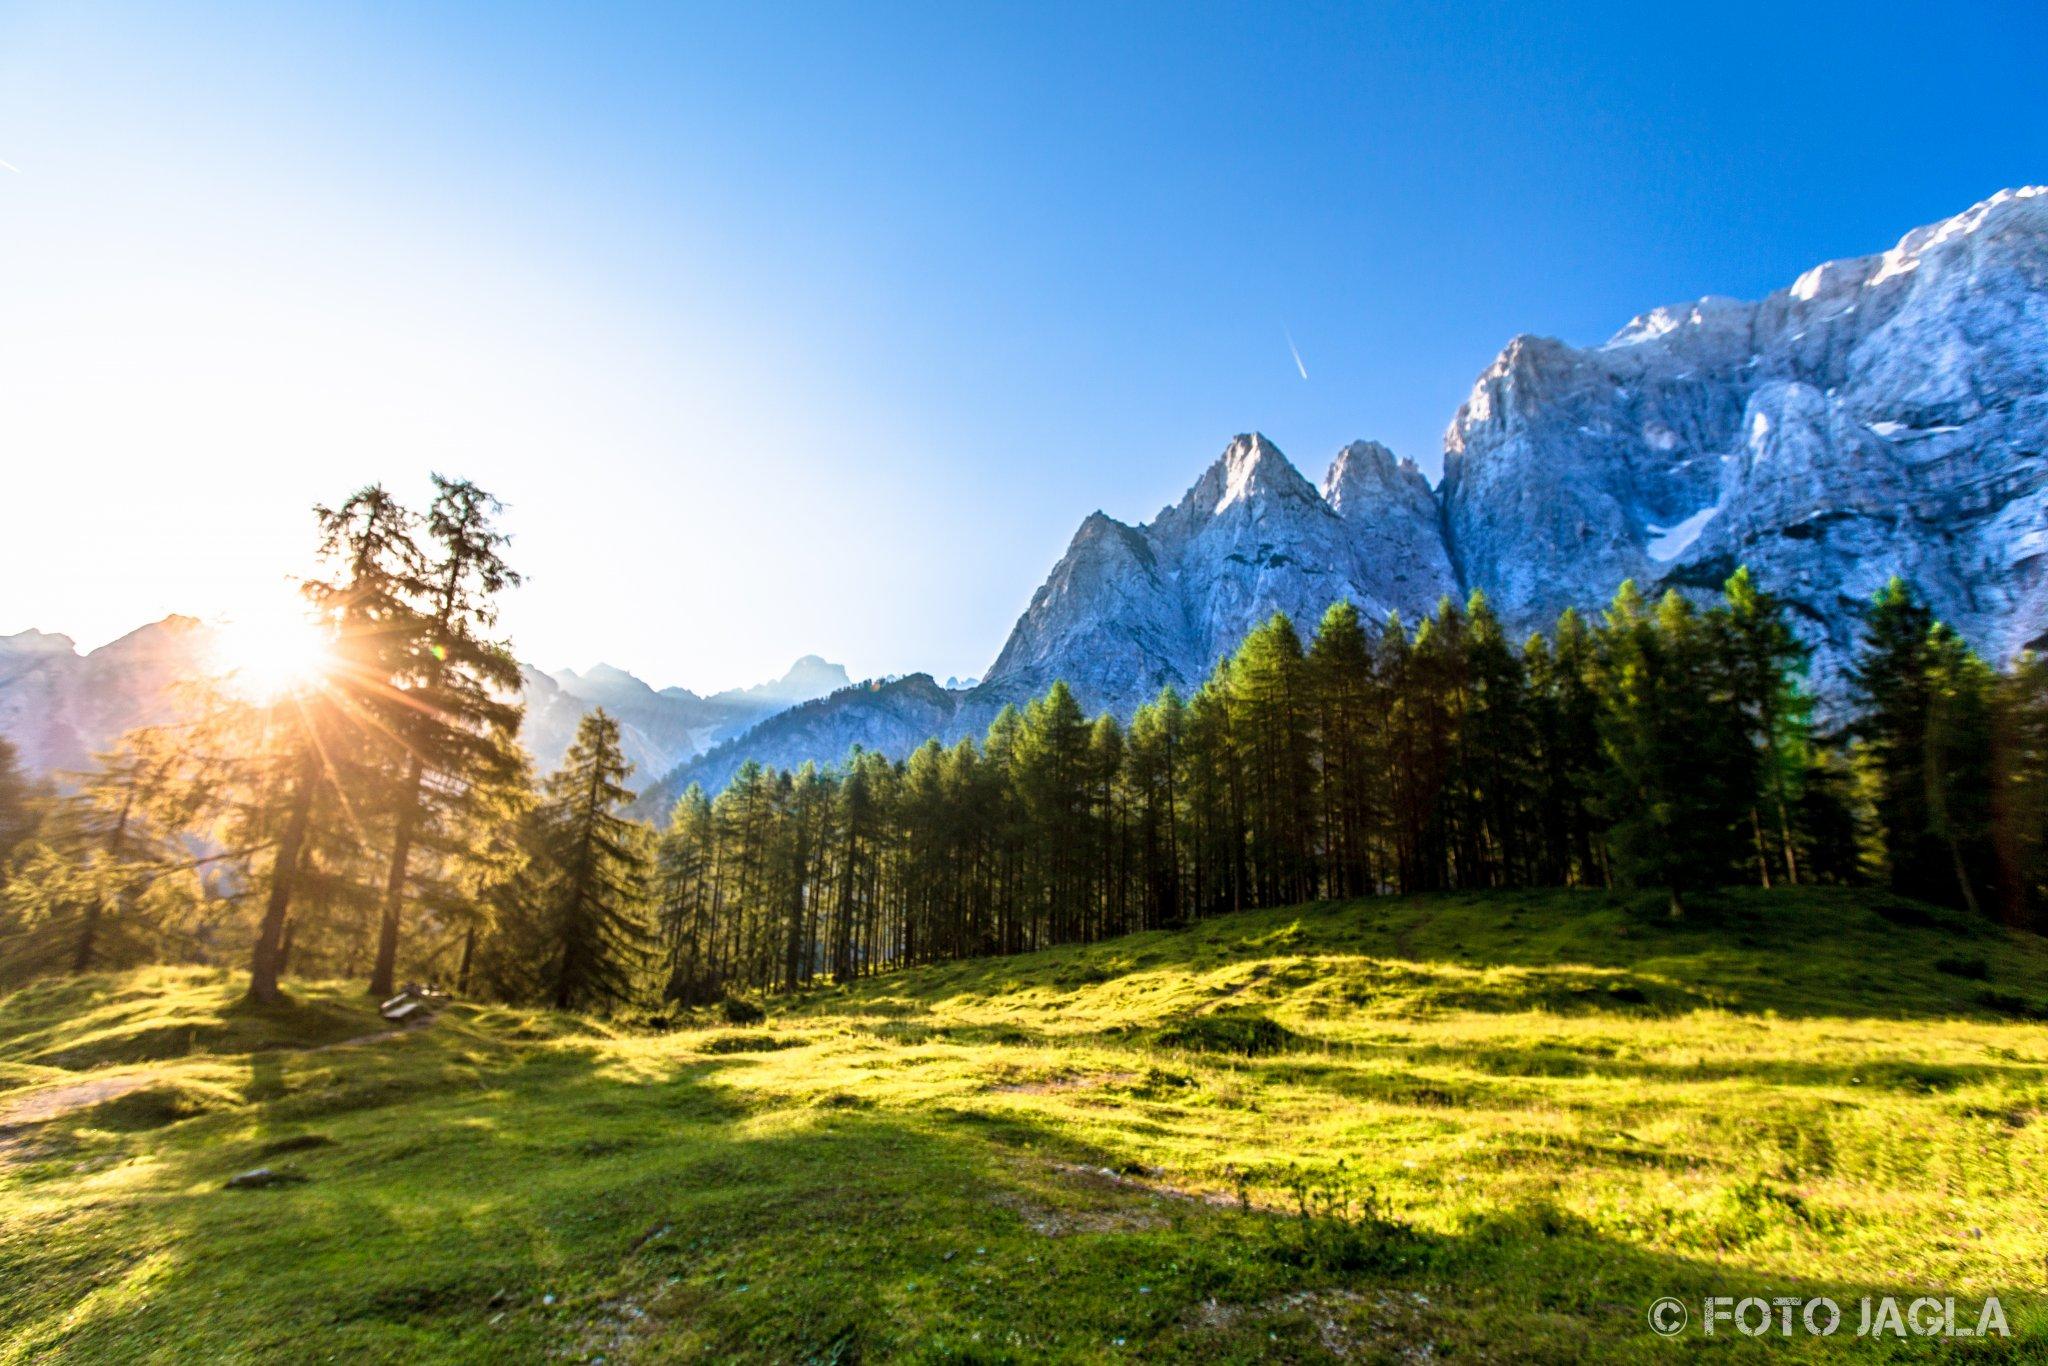 Slowenien im Sommer 2014 in der Nähe von Tolmin